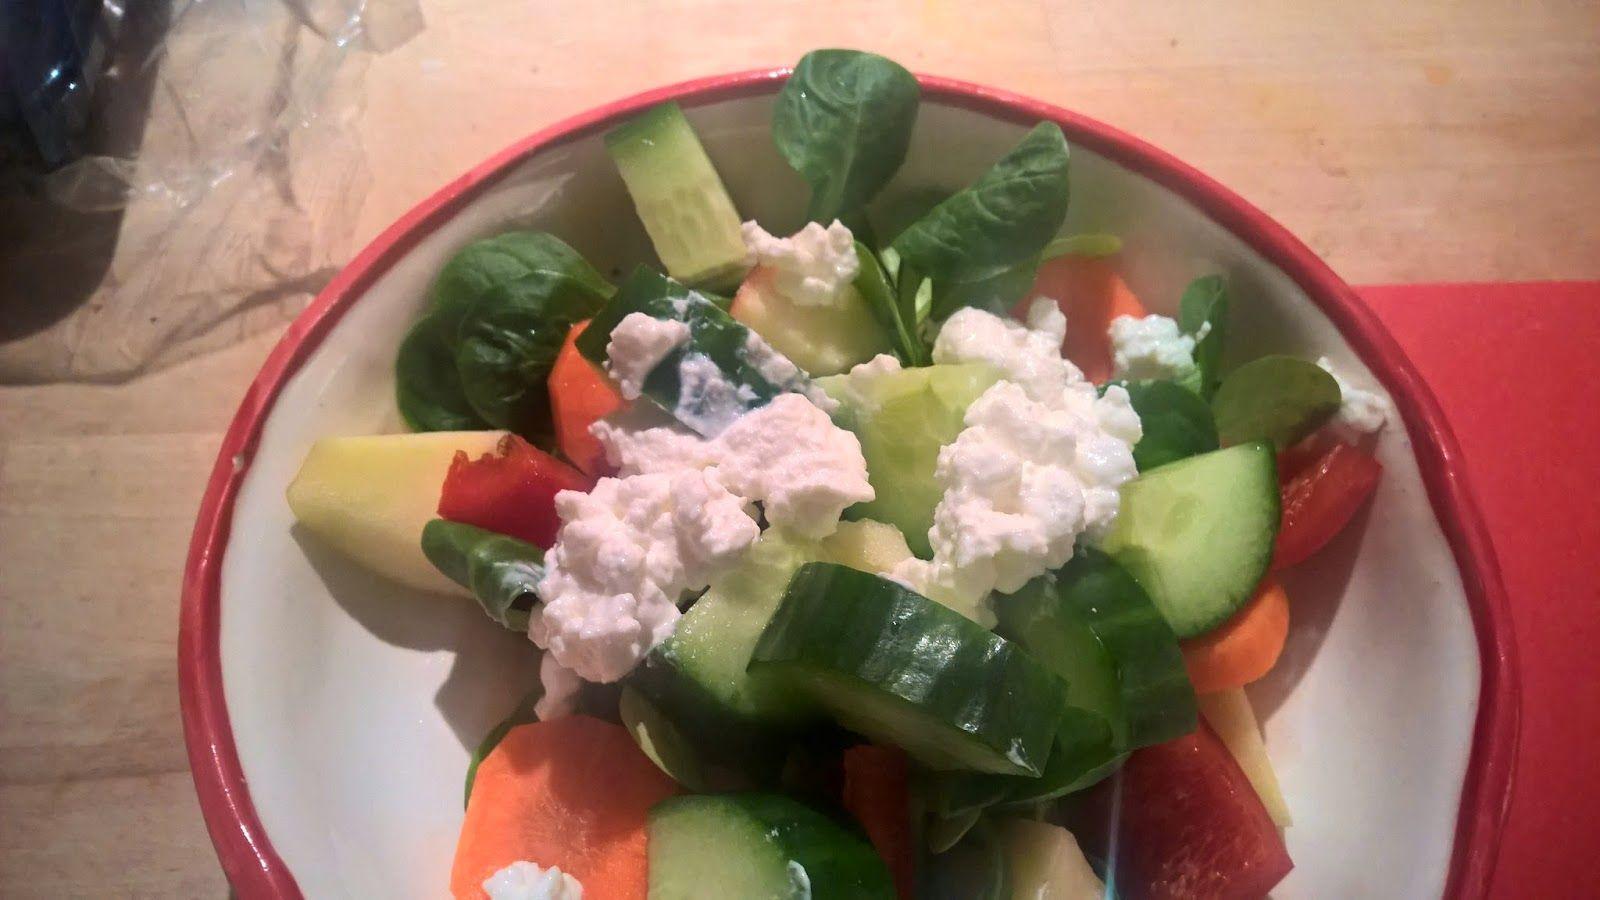 Feldsalat, Gurke, rote Paprika, Möhre und körniger Frischkäse.